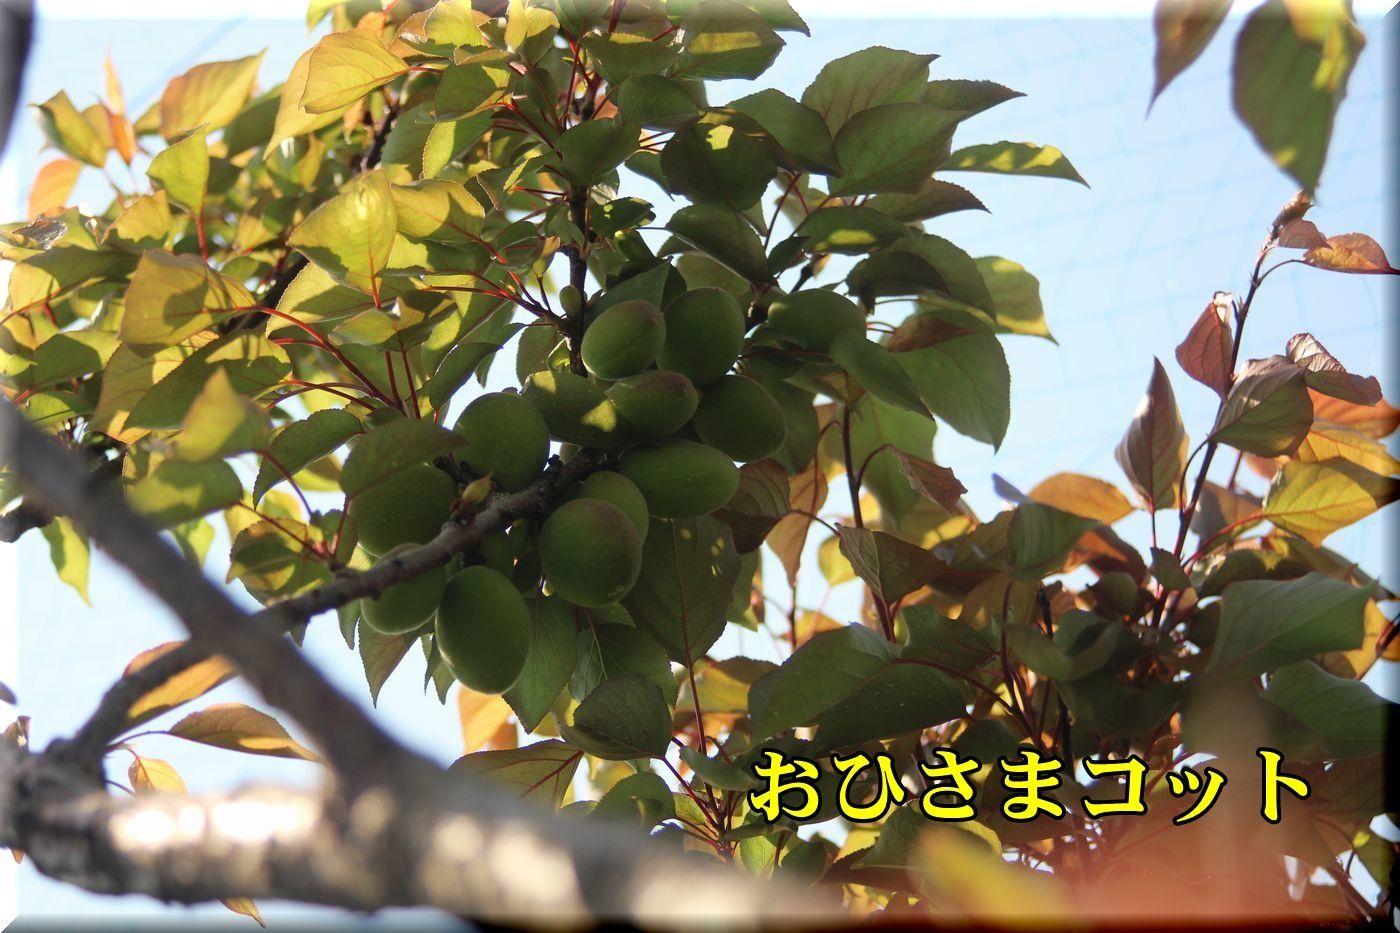 1ohisamacot180420_004.jpg